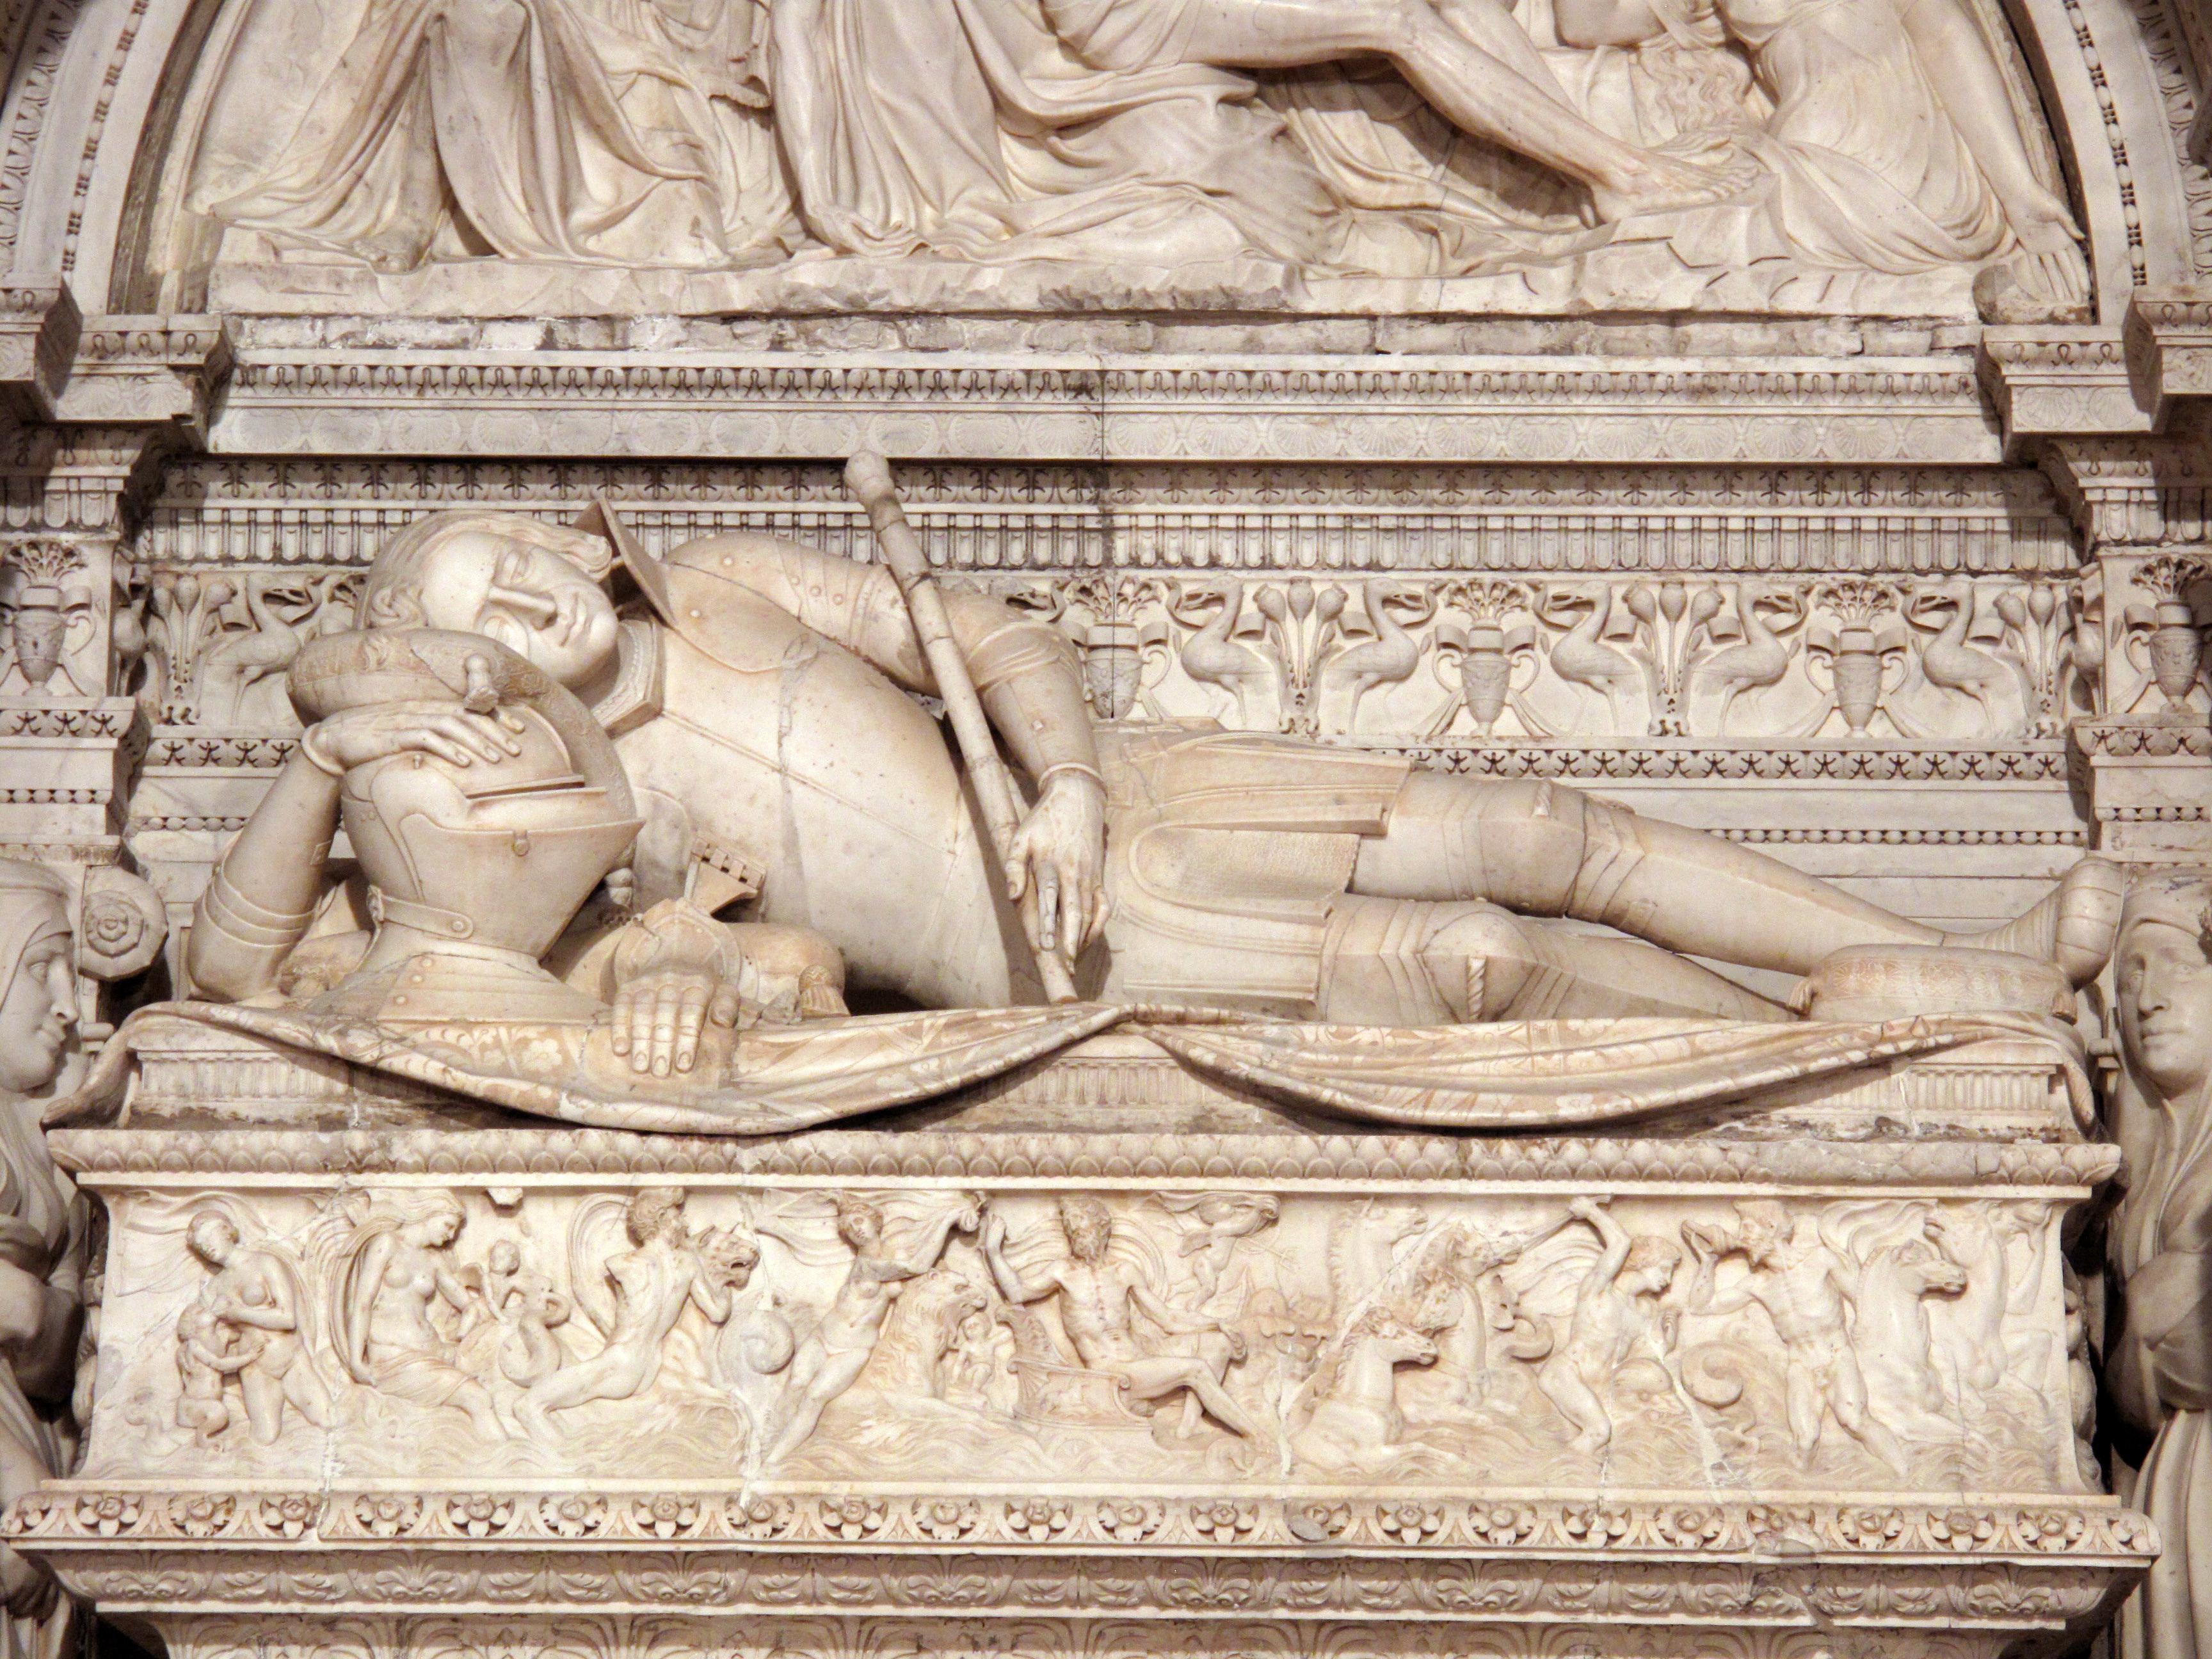 Sepulcro de Ramón Folc de Cardona-Anglesola (detalle), Giovanni da Nola